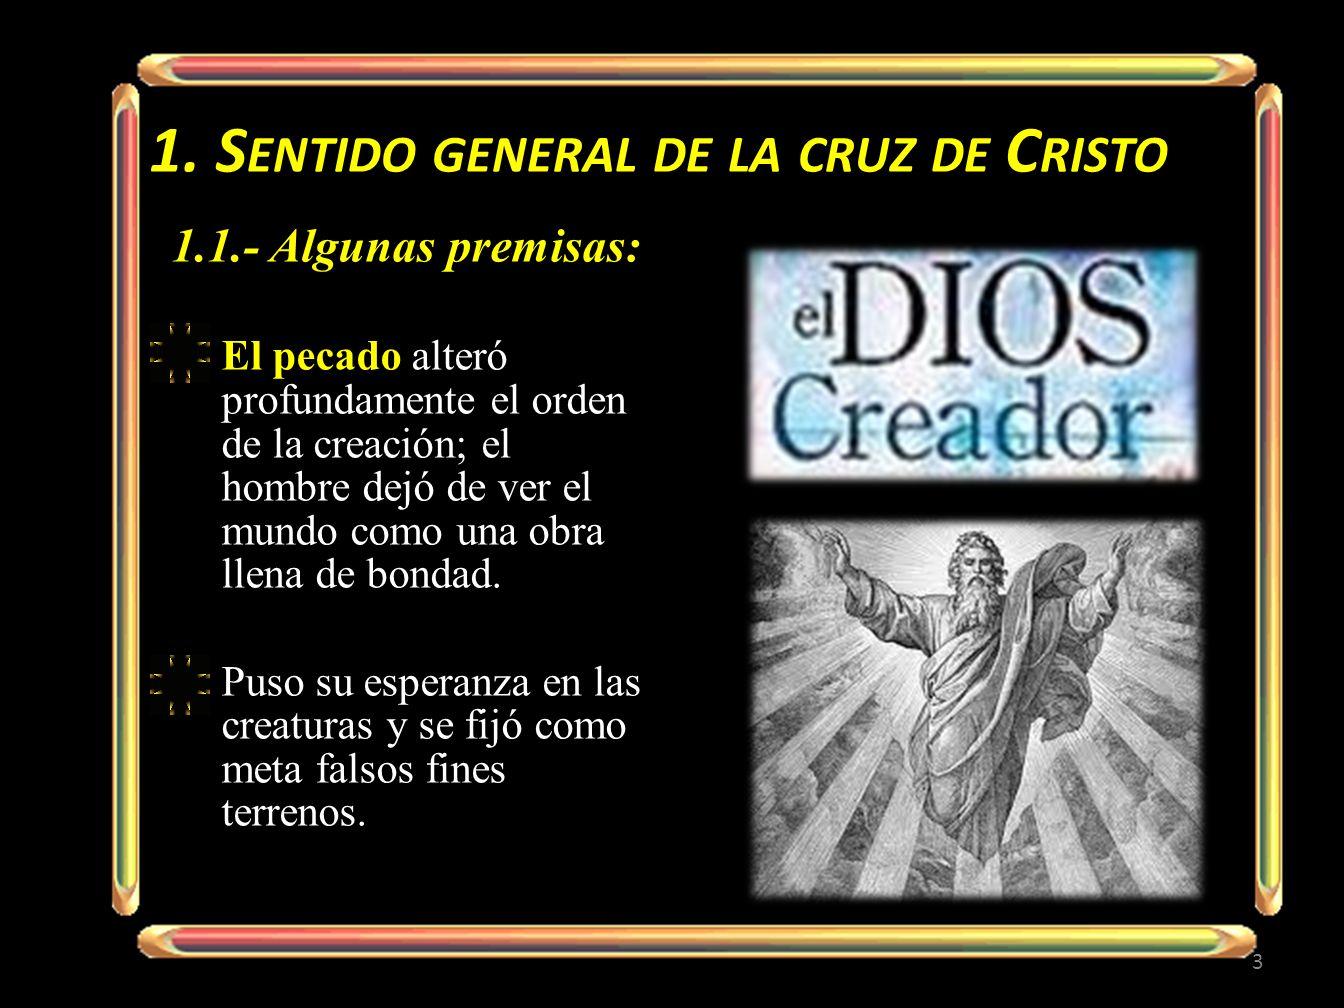 1. Sentido general de la cruz de Cristo